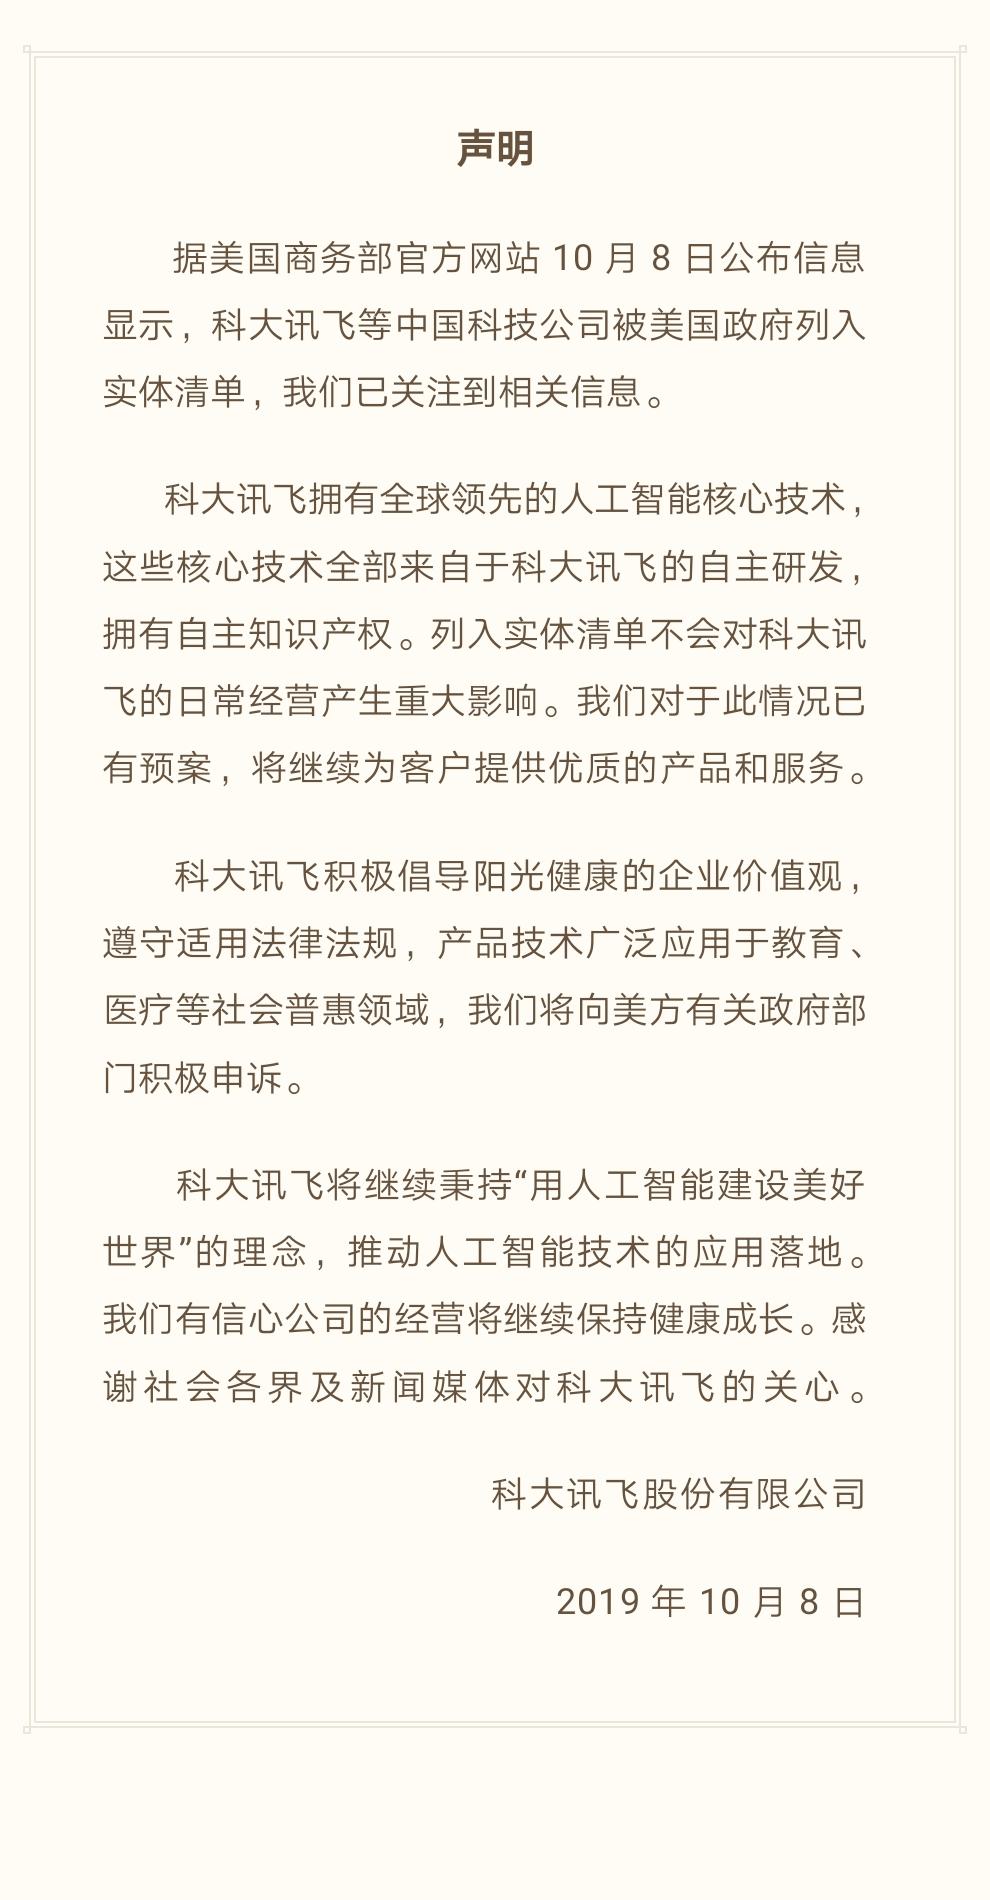 叶培建:中国明年将发射火星探测器